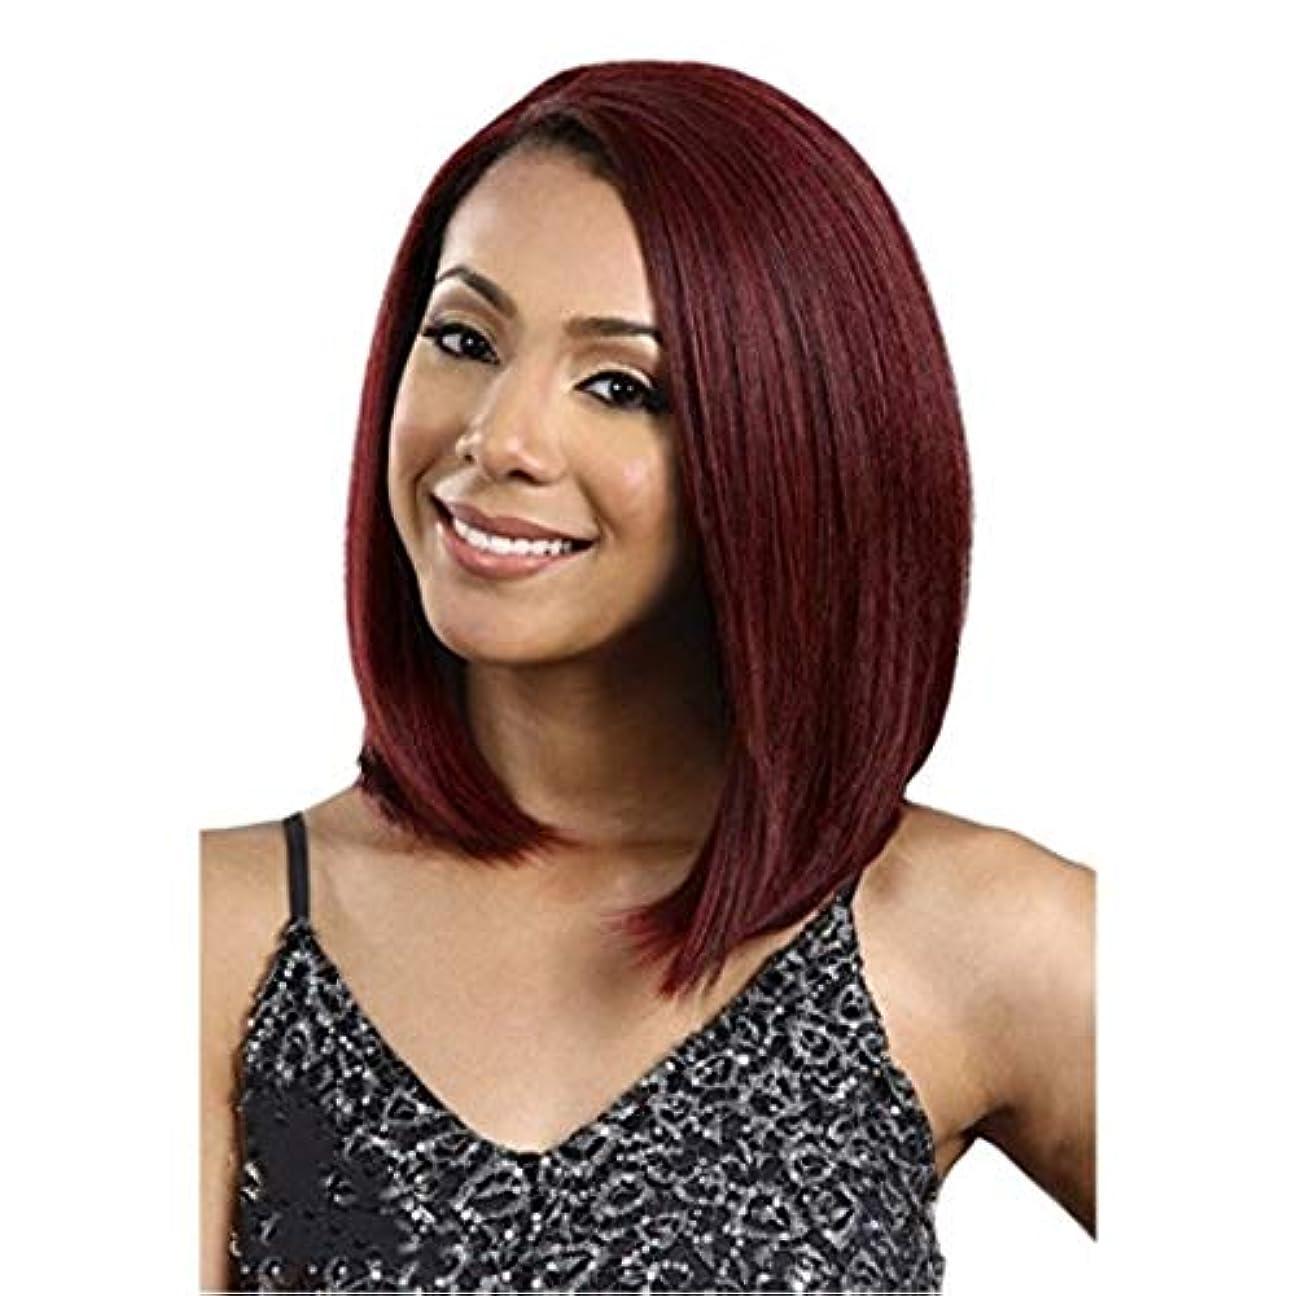 進化する信者二度Summerys 女性のための前髪の髪のかつらとミディアムストレートヘアレッドウィッグヘッドギア耐熱合成かつら